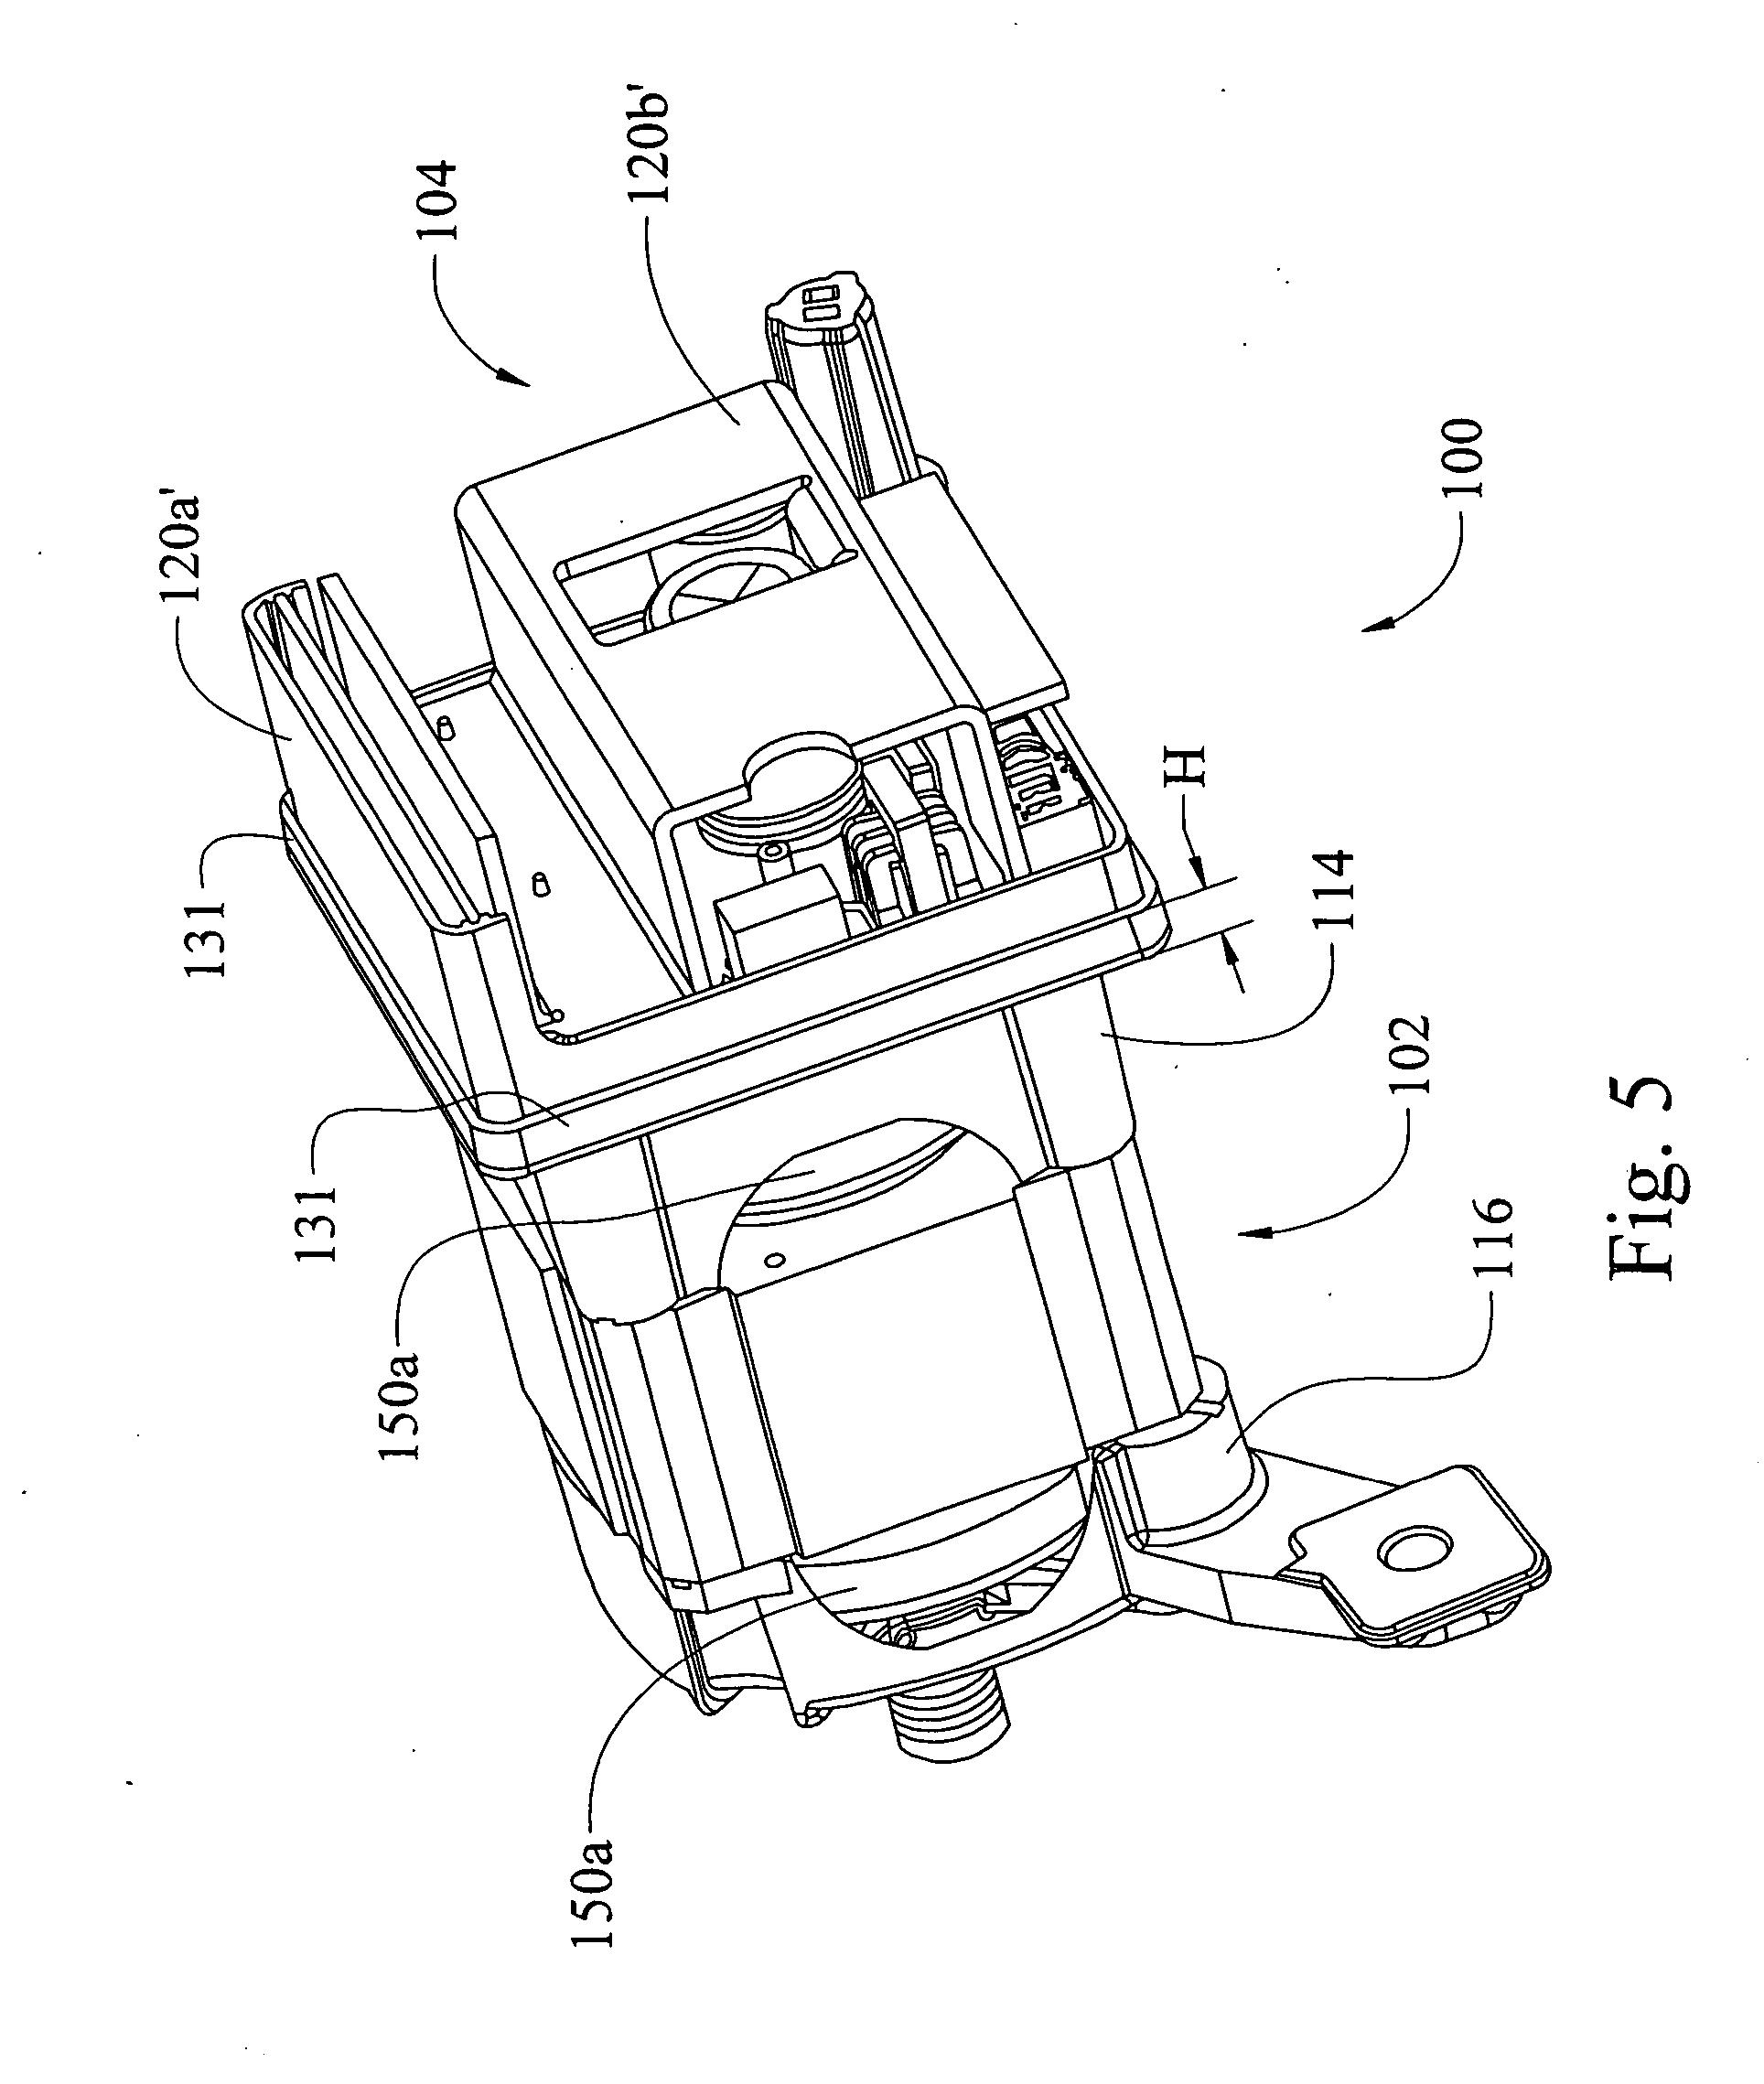 patent us20070063603